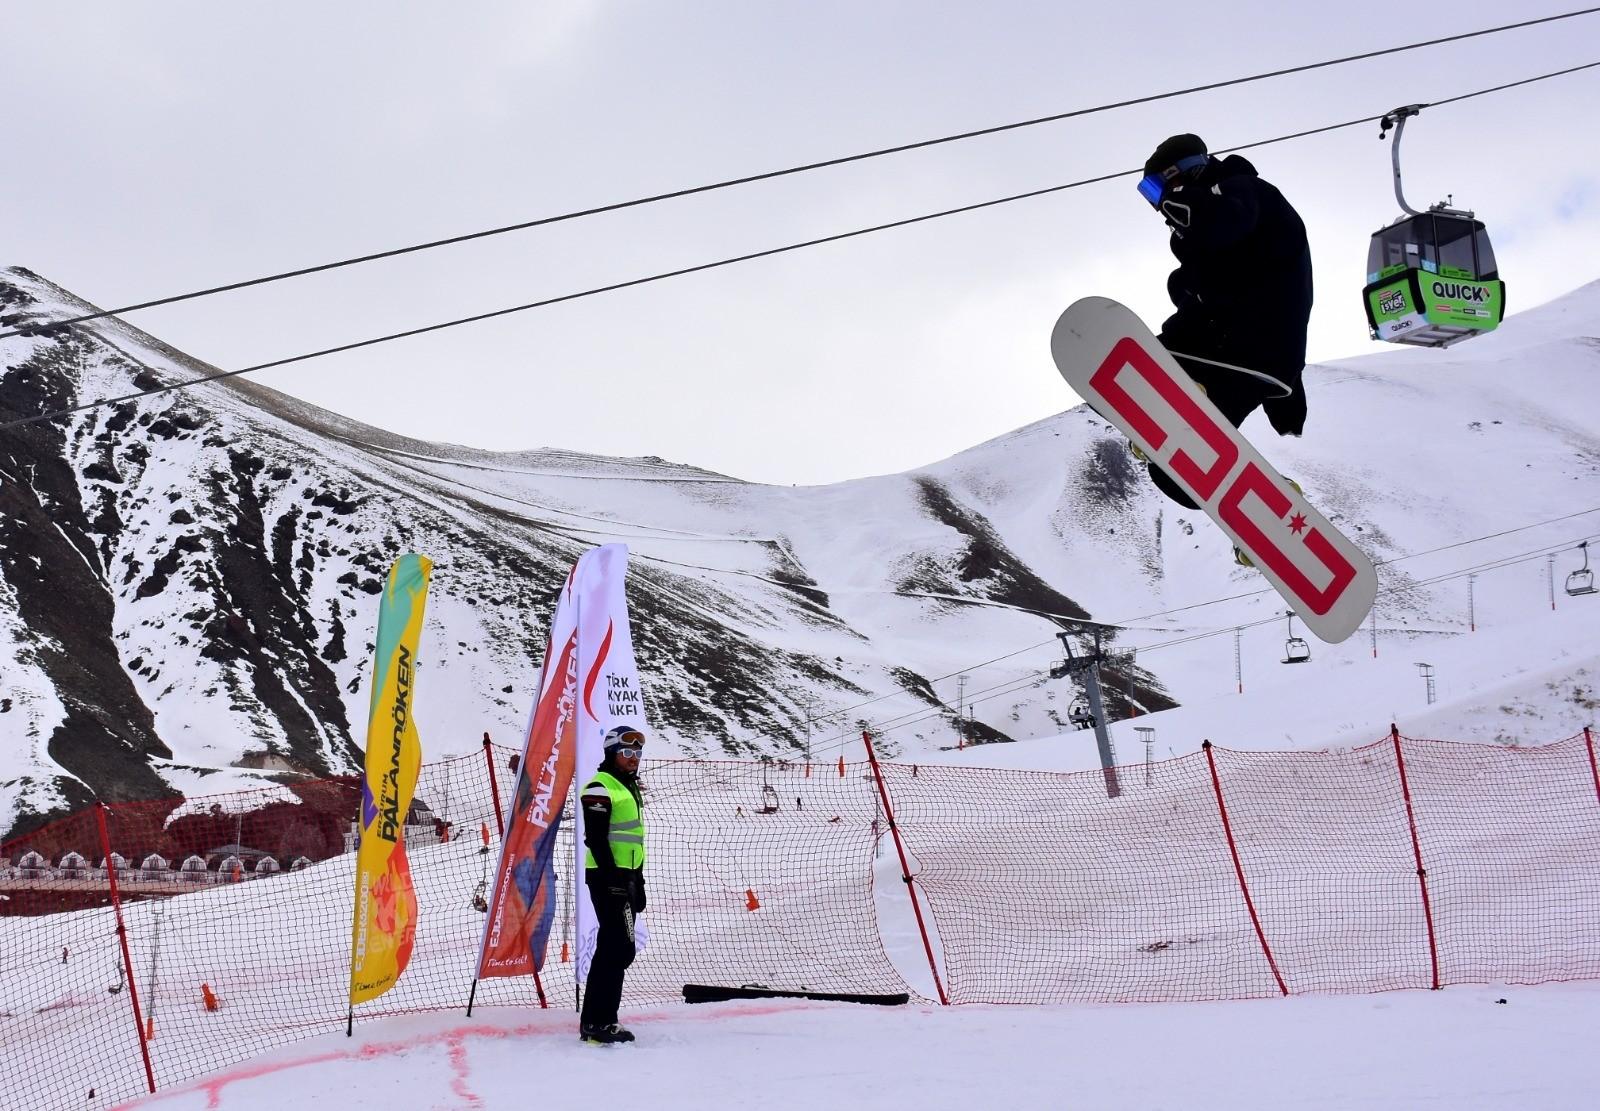 Palandöken'de Freestyle Snowboard Şampiyonası'nda adrenalin tavan yaptı